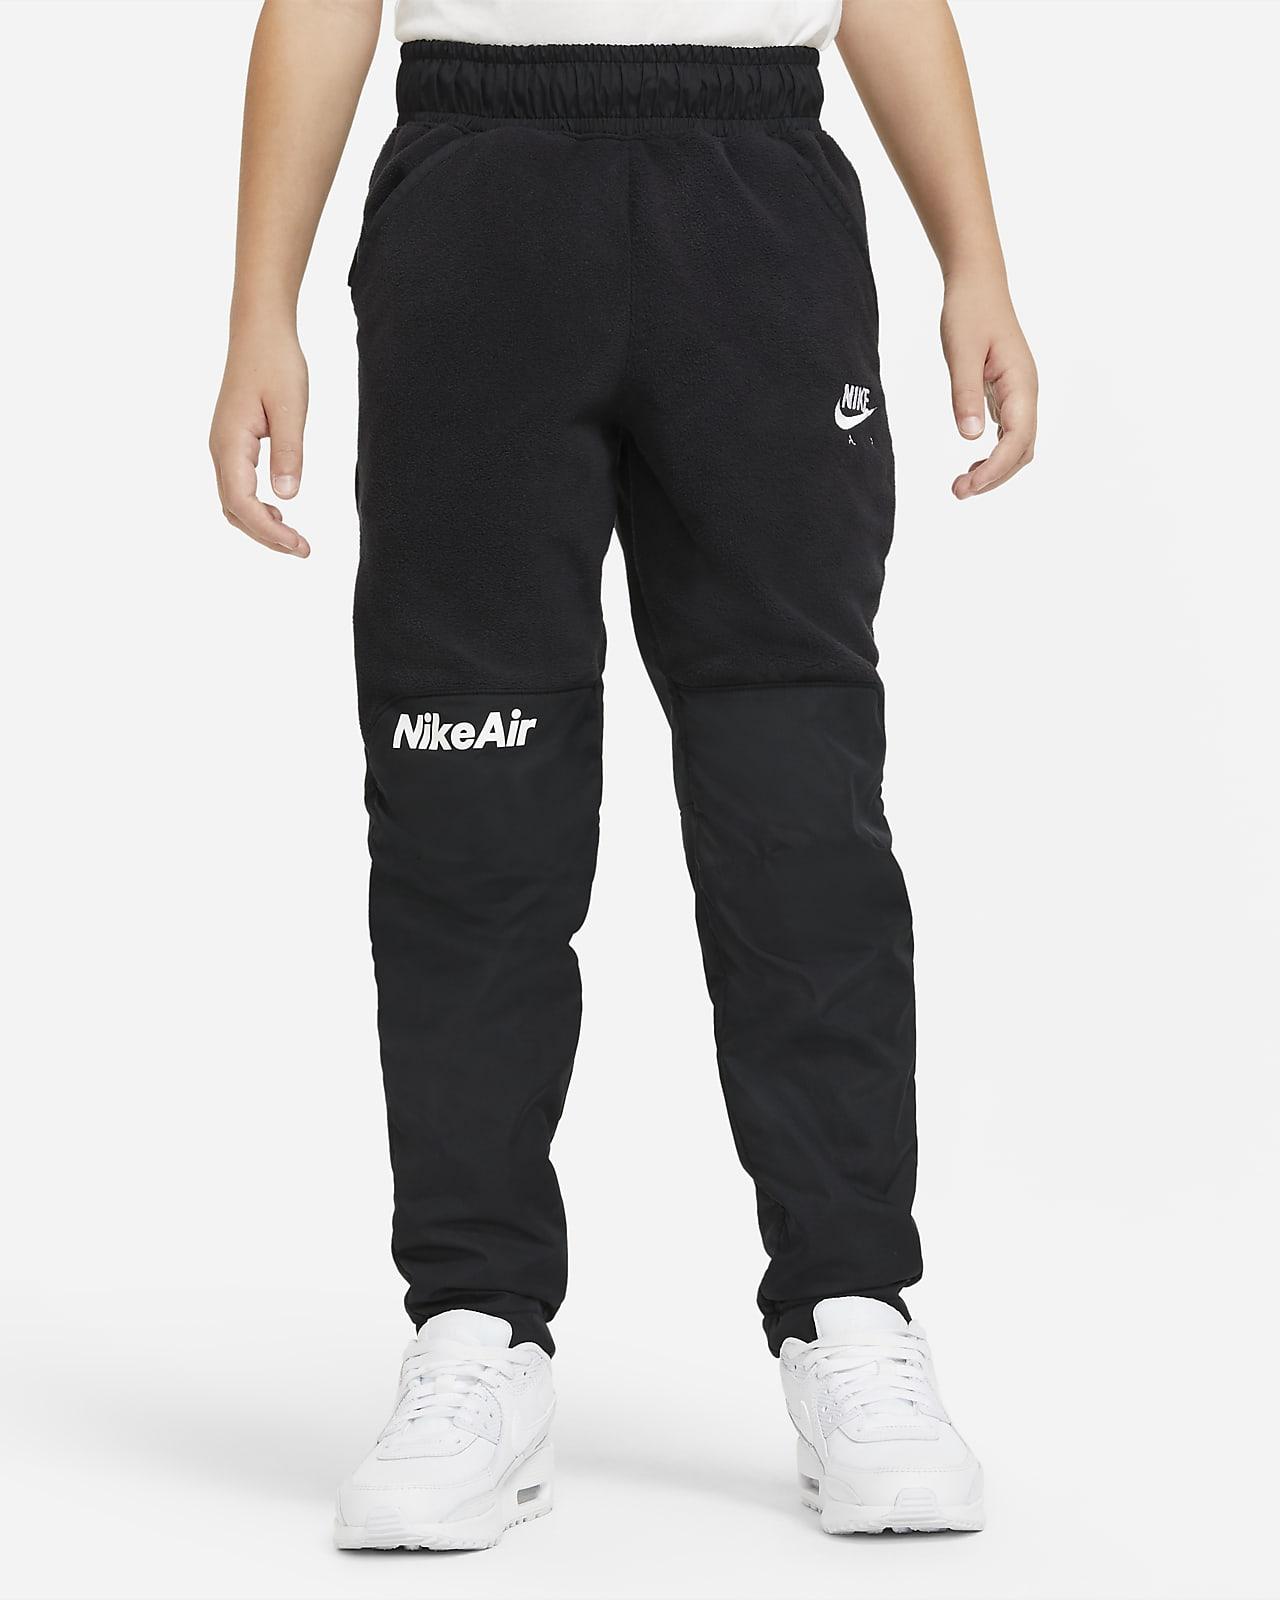 Nike Air Pantalons amb protecció contra el mal temps - Nen